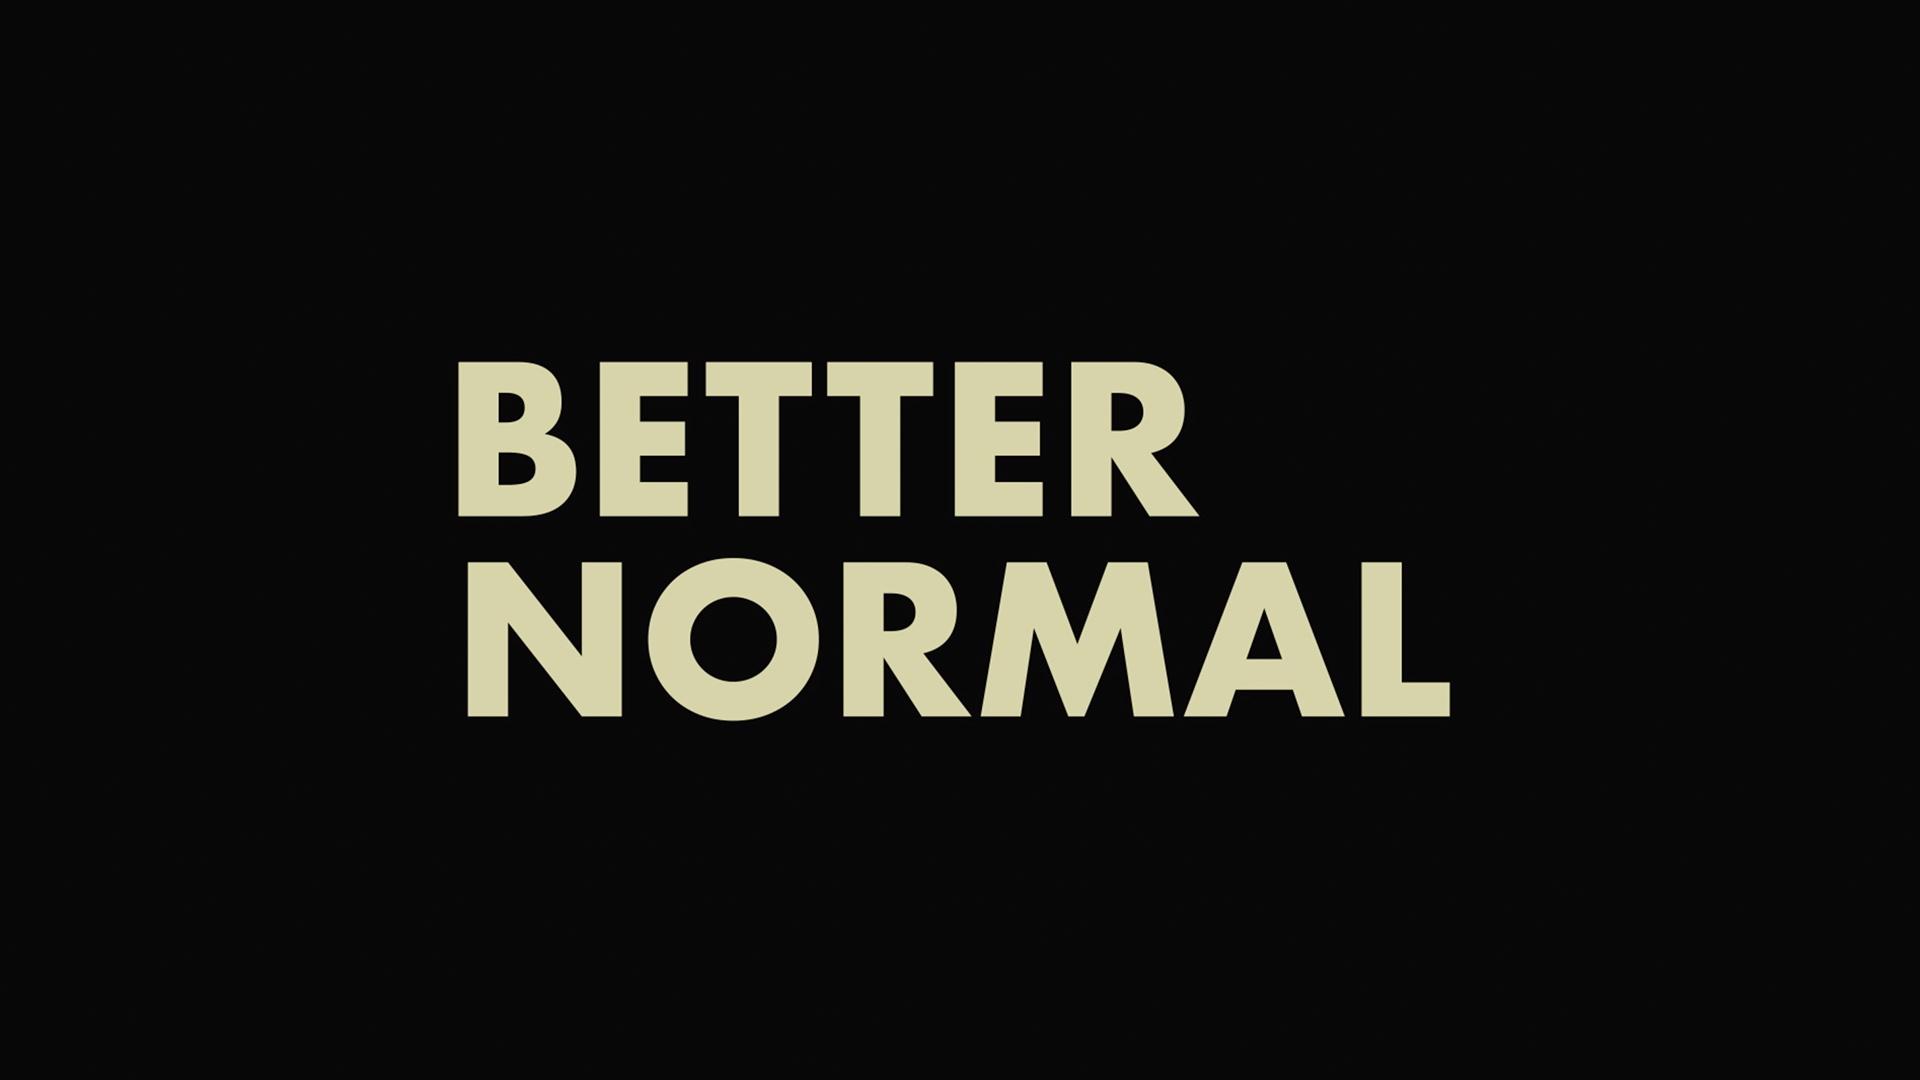 Better Normal